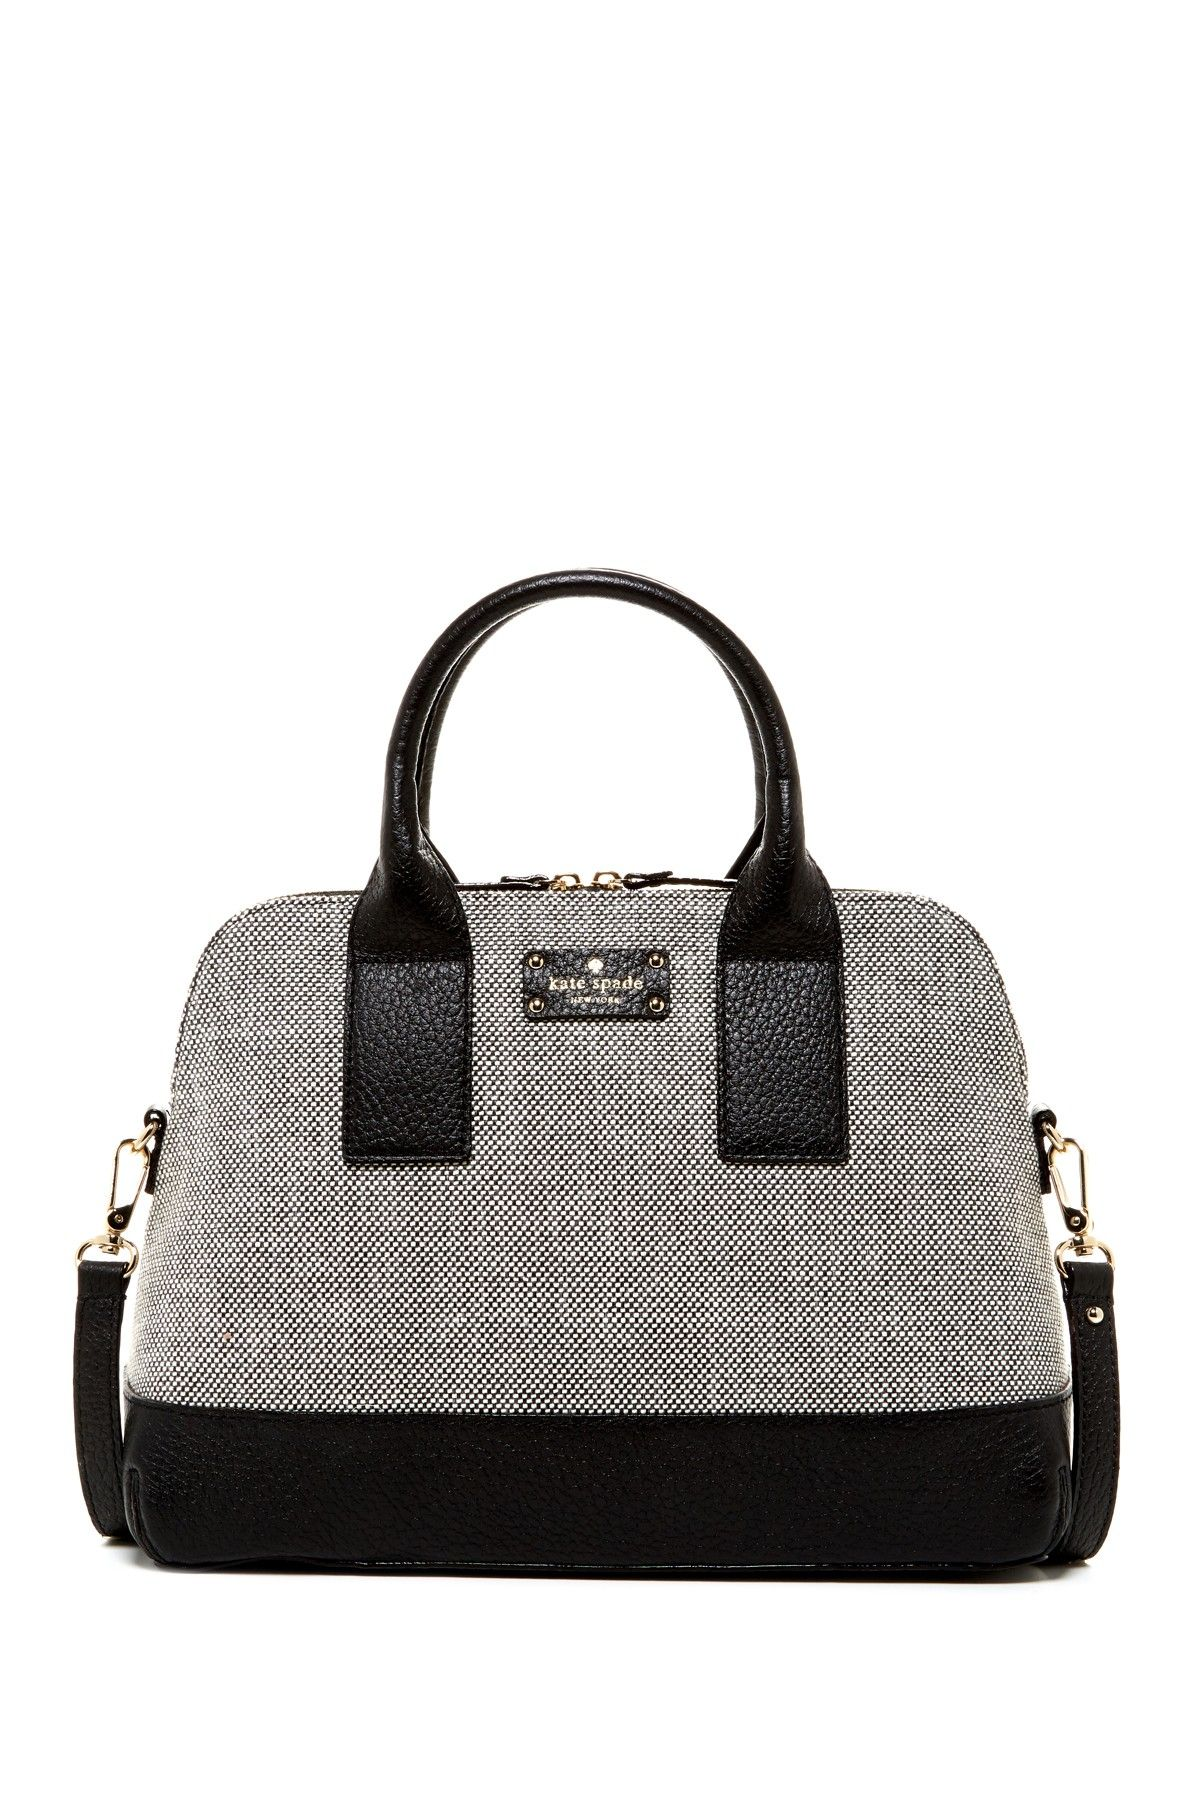 kate spade handbags bags purses